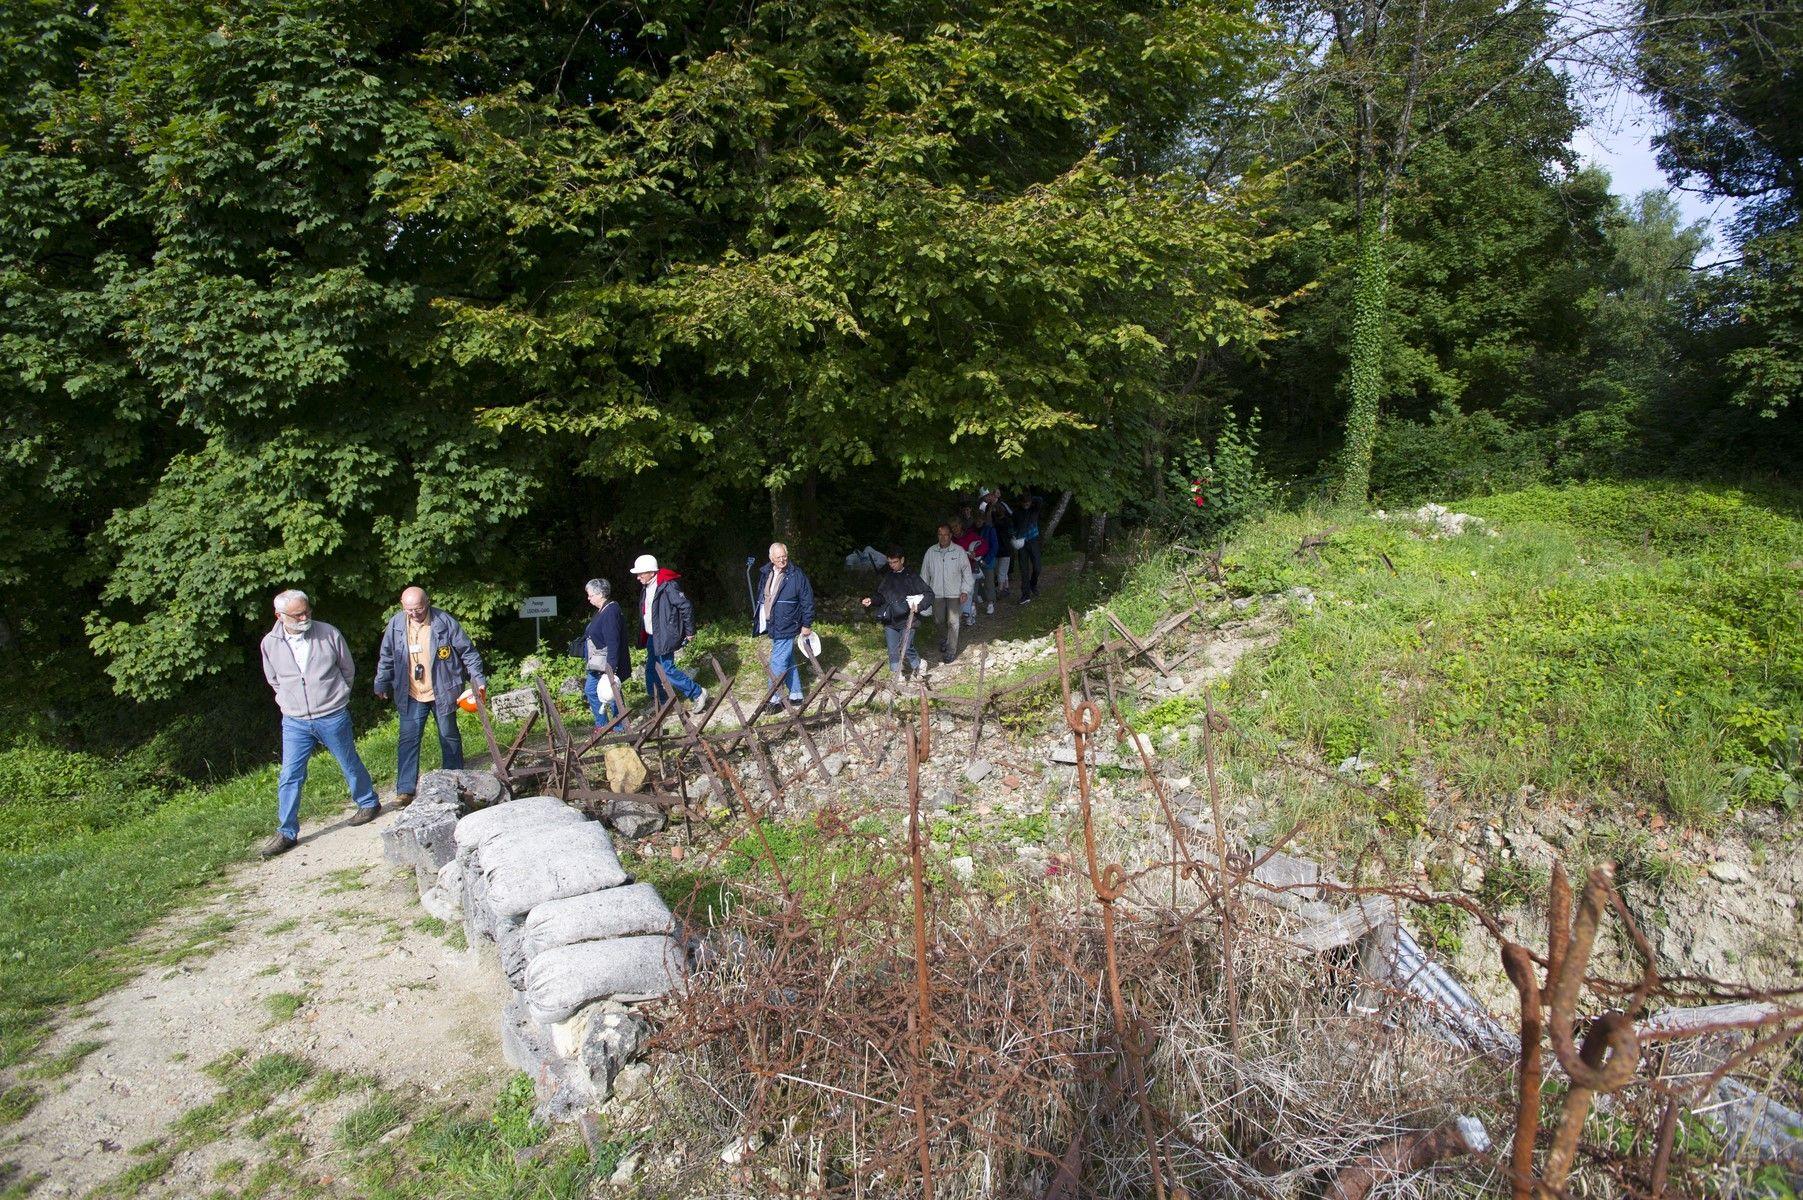 La Butte De Vauquois Site 14 18 En Argonne Pres De Verdun Le Pre La Grande Guerre Soldat